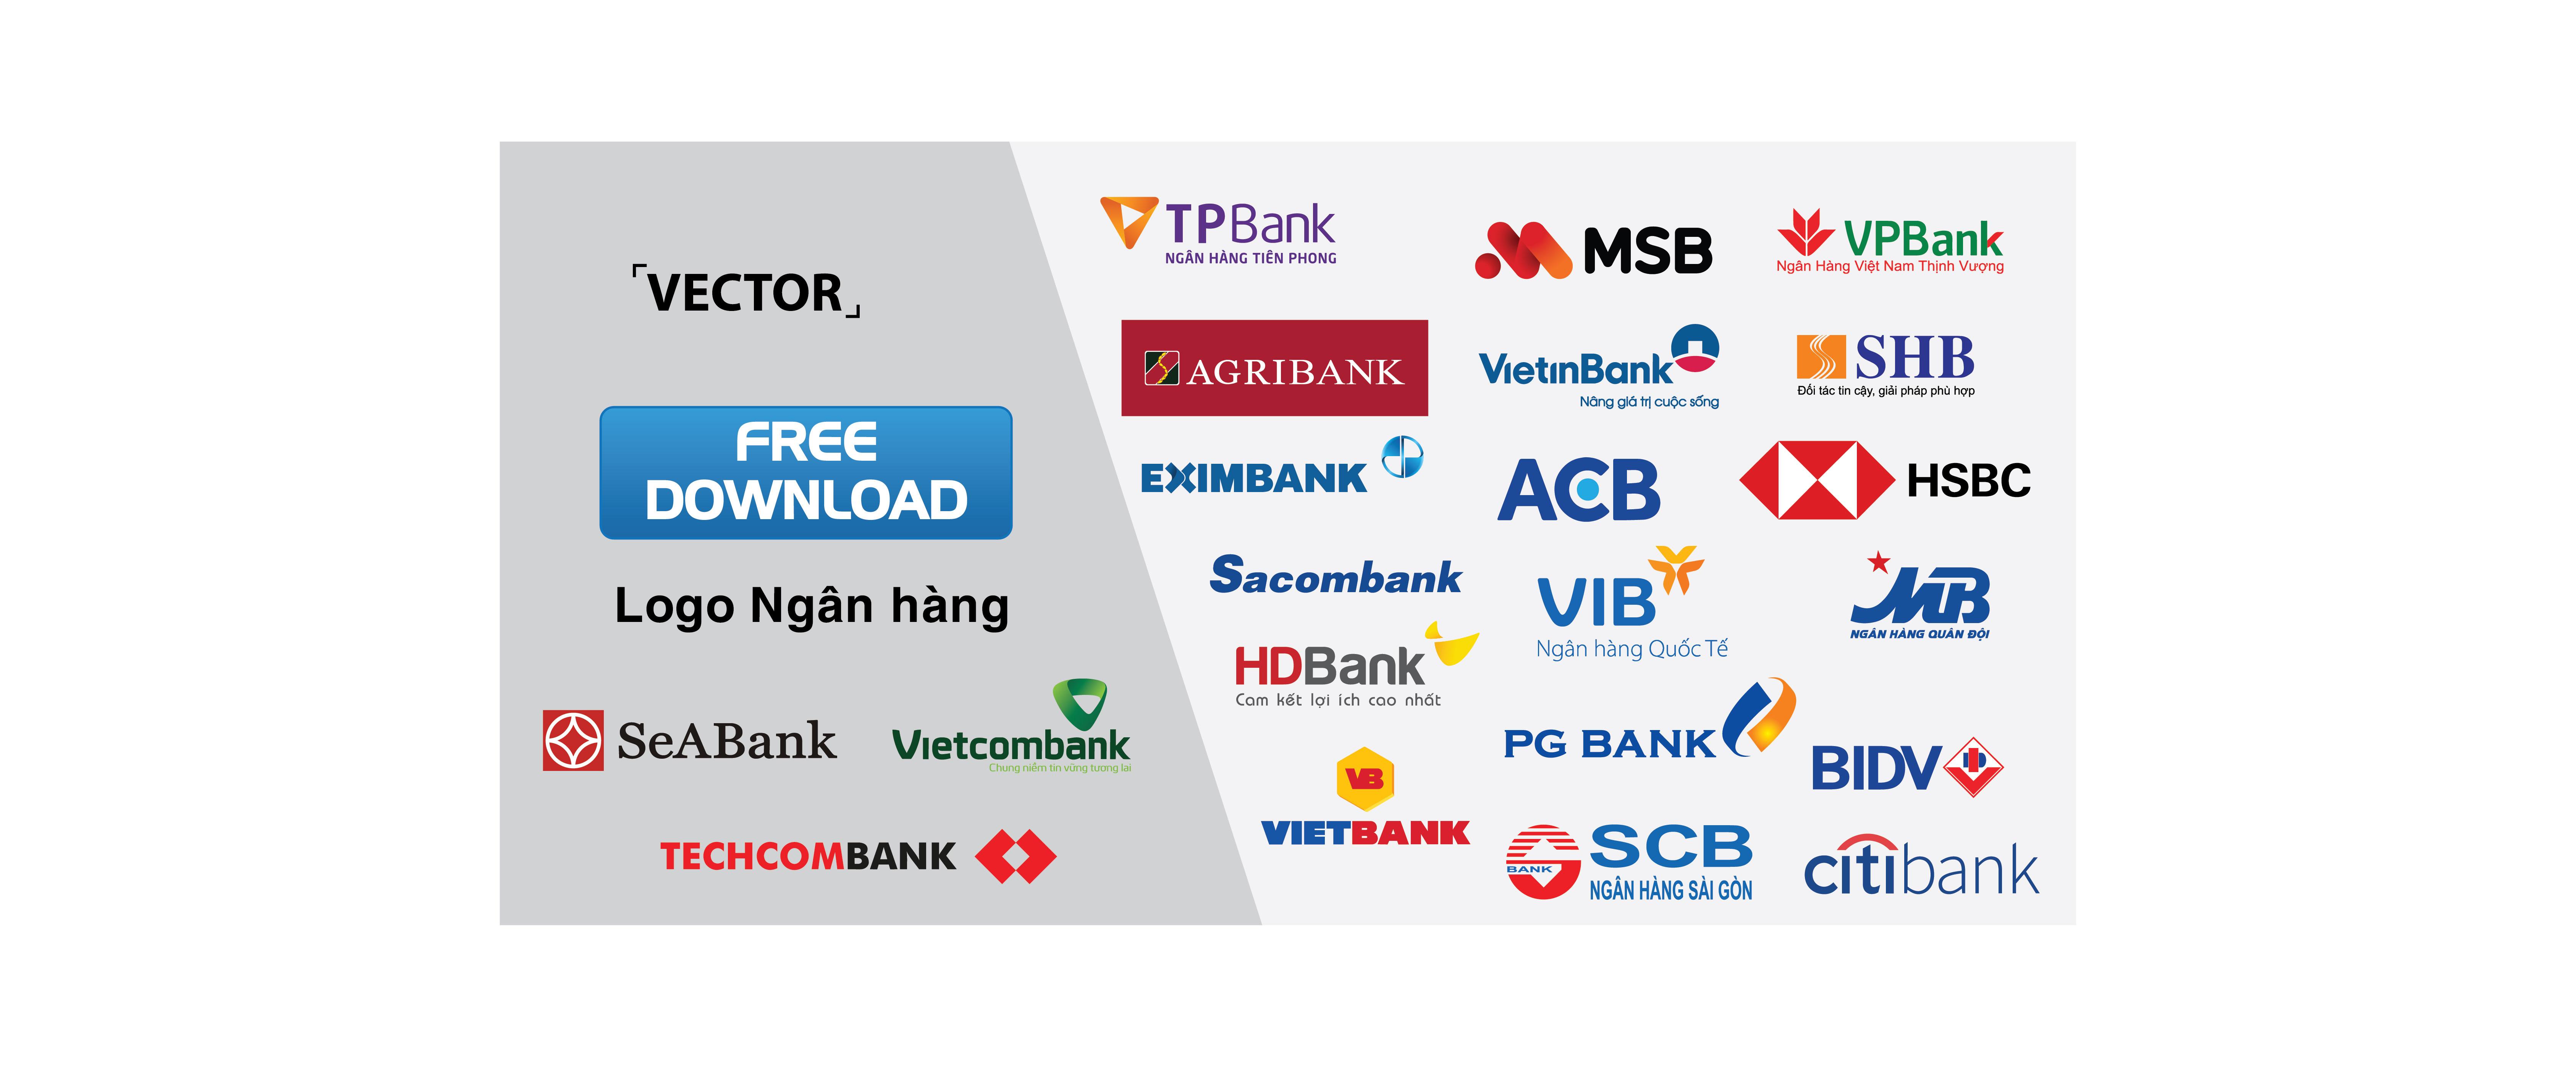 Tổng hợp logo ngân hàng Vector – File Ai, png, pdf – Tải miễn phí